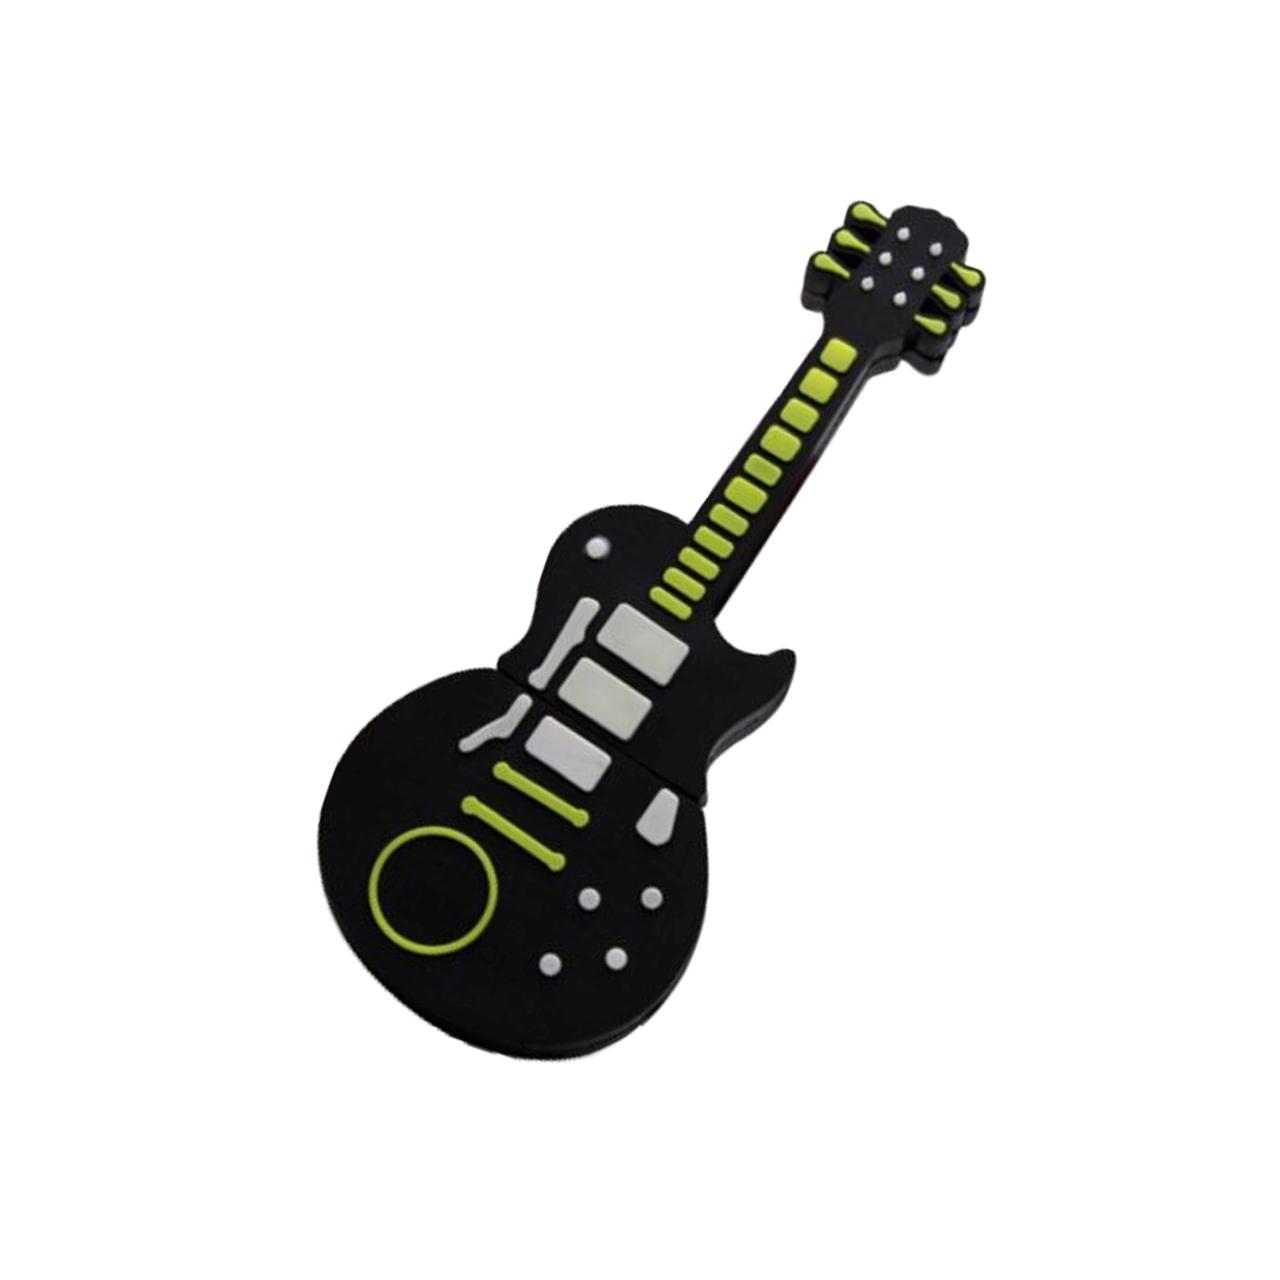 بررسی و {خرید با تخفیف} فلش مموری طرح گیتار برقی مدل DAA1150-U3 ظرفیت 64 گیگابایت اصل